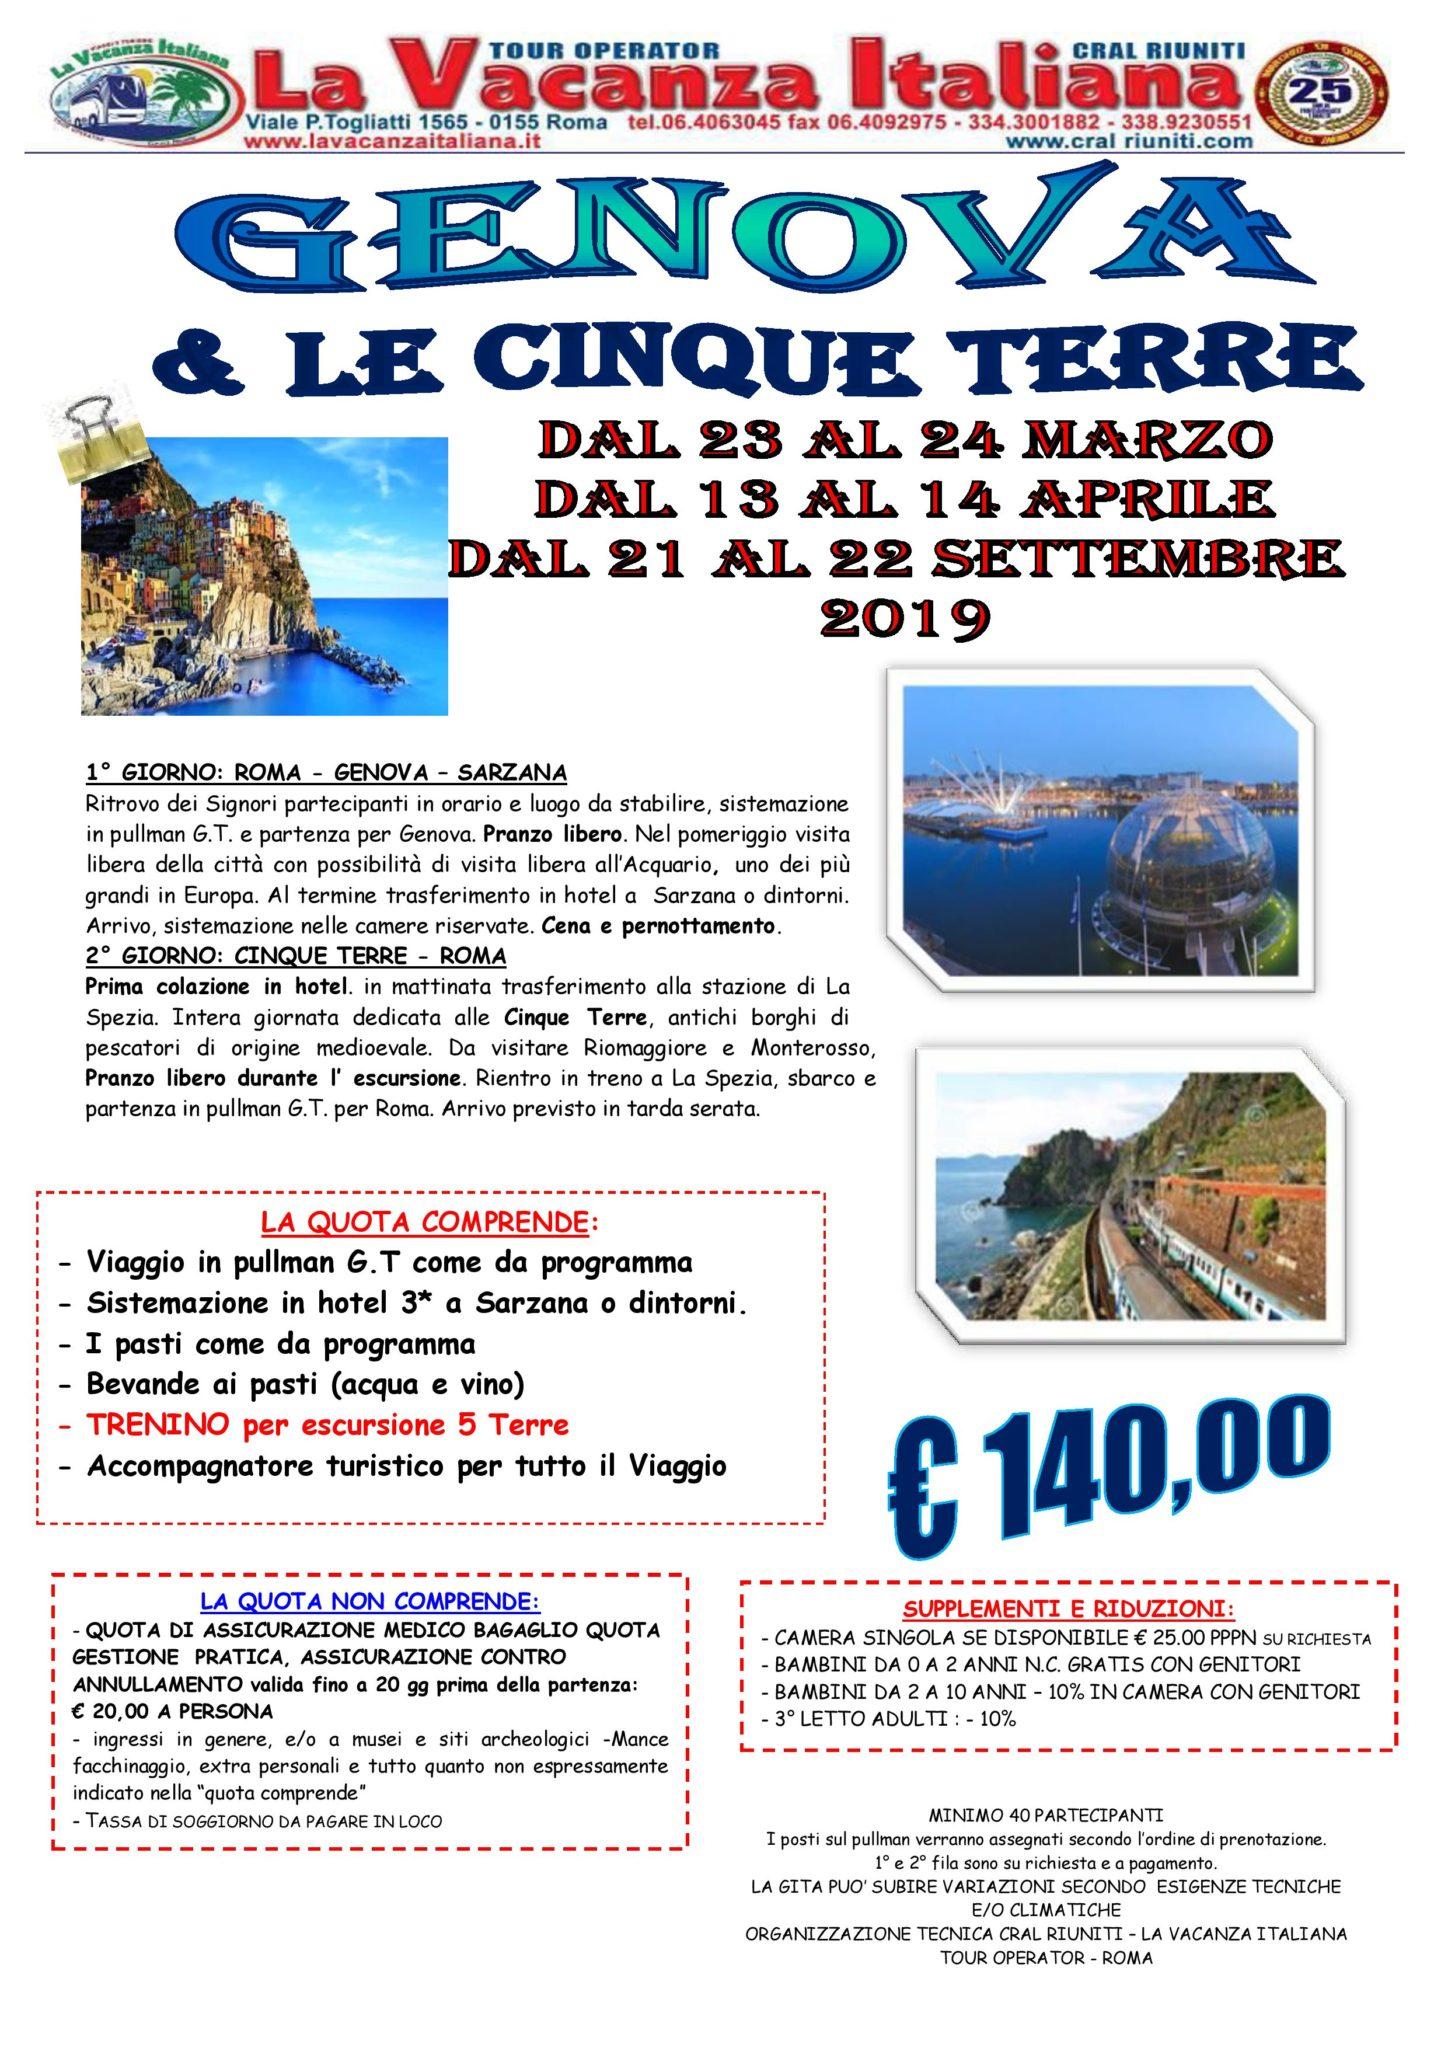 Genova & le cinque terre € 140,00 - Viaggi di Gruppo | La Vacanza ...